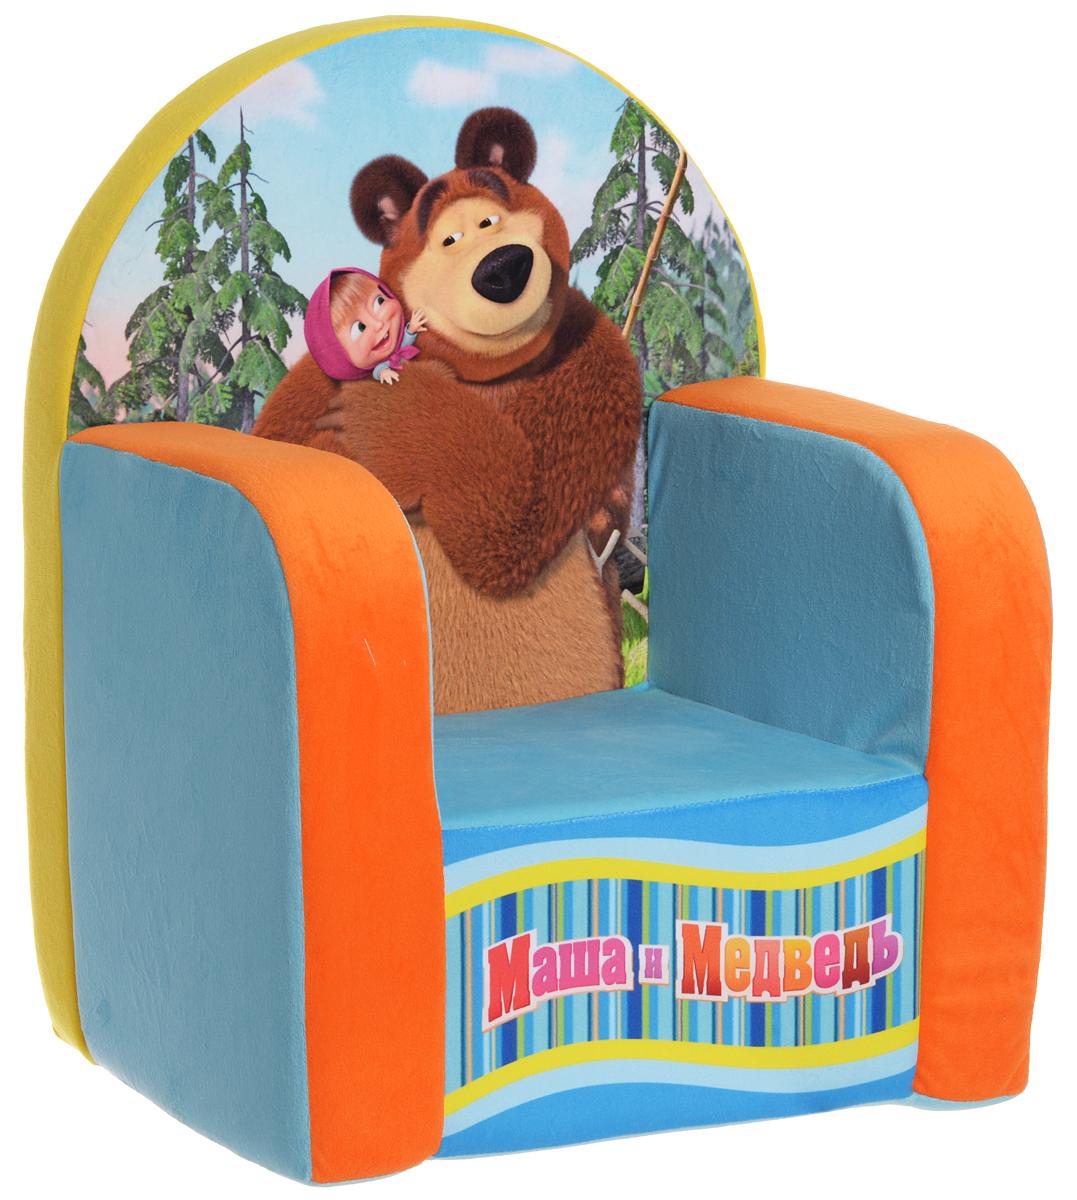 СмолТойс Мягкая игрушка Кресло Маша и Медведь 54 смМ 2298(белый)Мягкая игрушка СмолТойс Кресло Маша и Медведь идеально впишется в интерьер детской комнаты.Мягкая игрушка выполнена в виде кресла и изготовлена с учетом размеров тела ребенка. Устойчивость кресла обеспечивается широкой площадью соприкосновения с полом. Мягкое кресло не имеет деревянных и прочих жестких вставок, поэтому вы можете быть спокойны за безопасность вашего малыша. А еще кресло особенно понравится тем малышам, которые обожают мультфильмы про Машу и Медведя.Ваш ребенок будет в восторге от такого подарка!